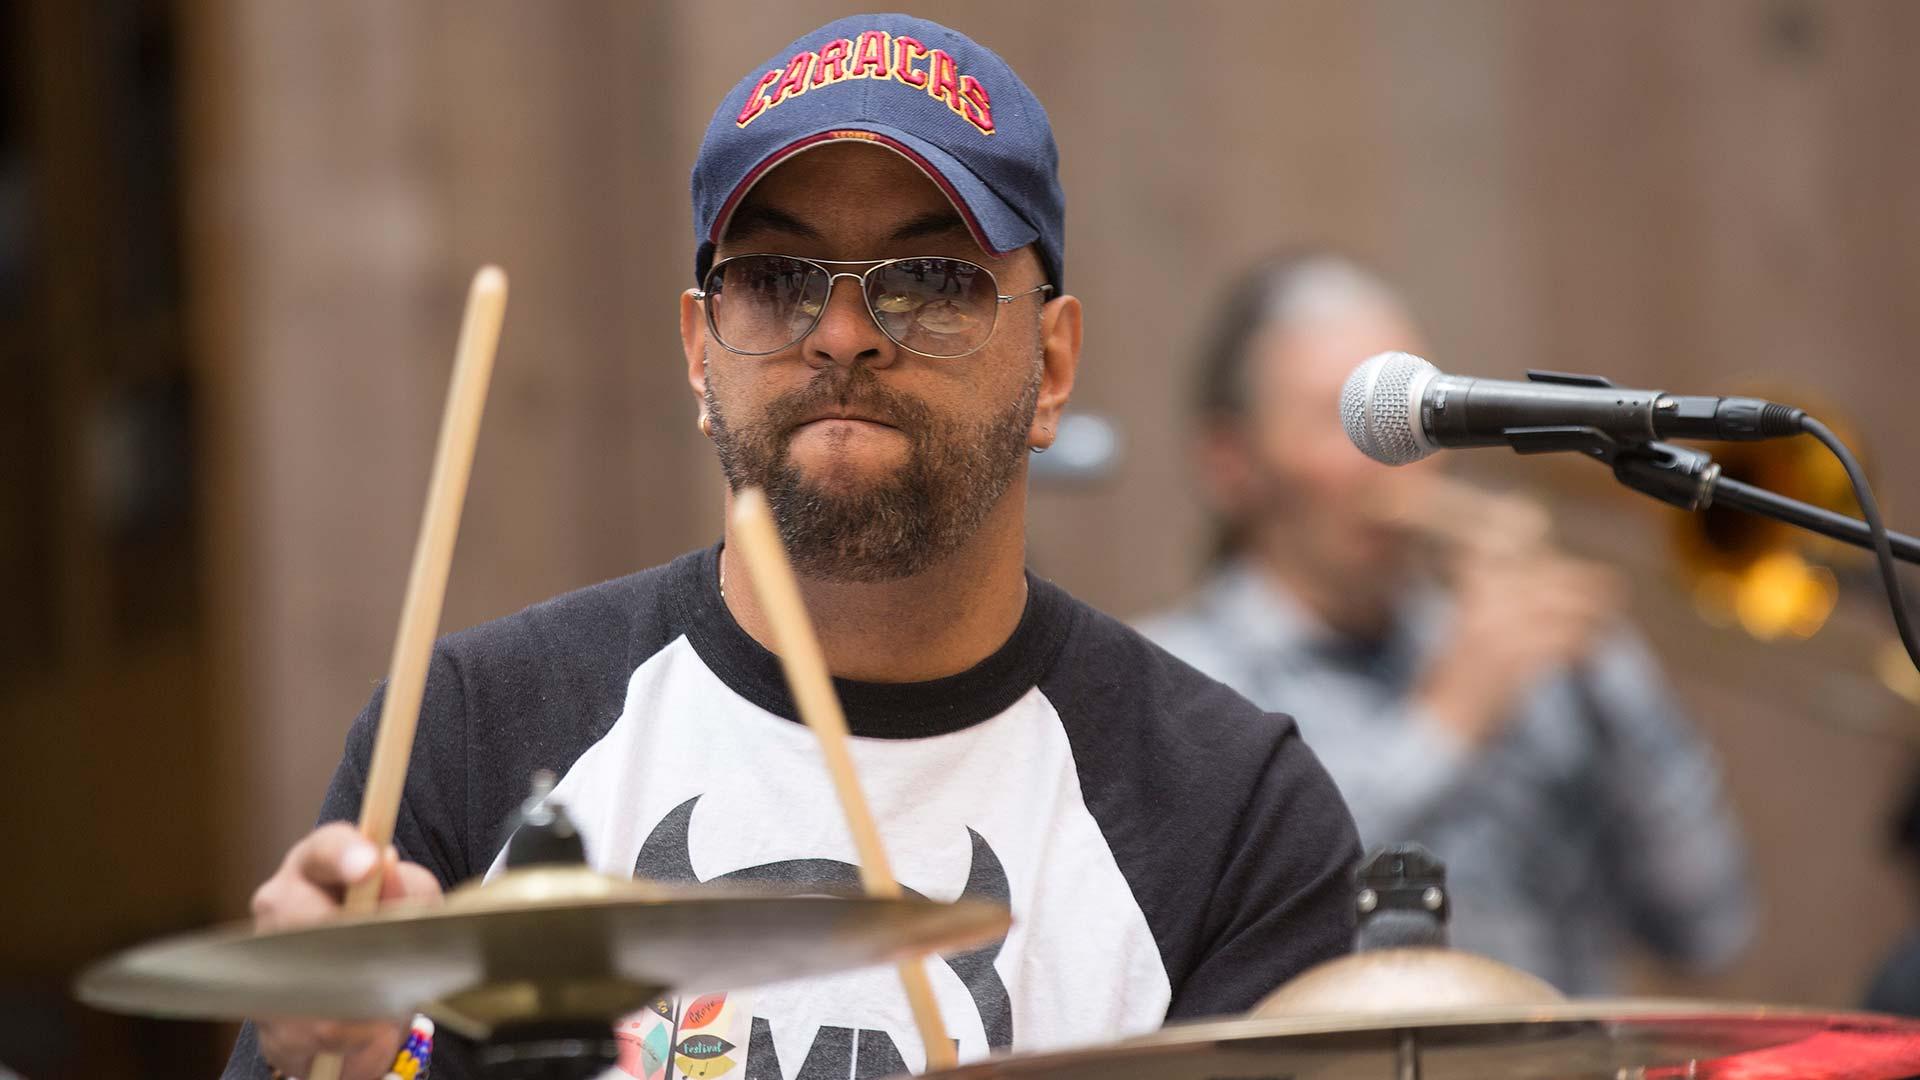 Omar Drumming